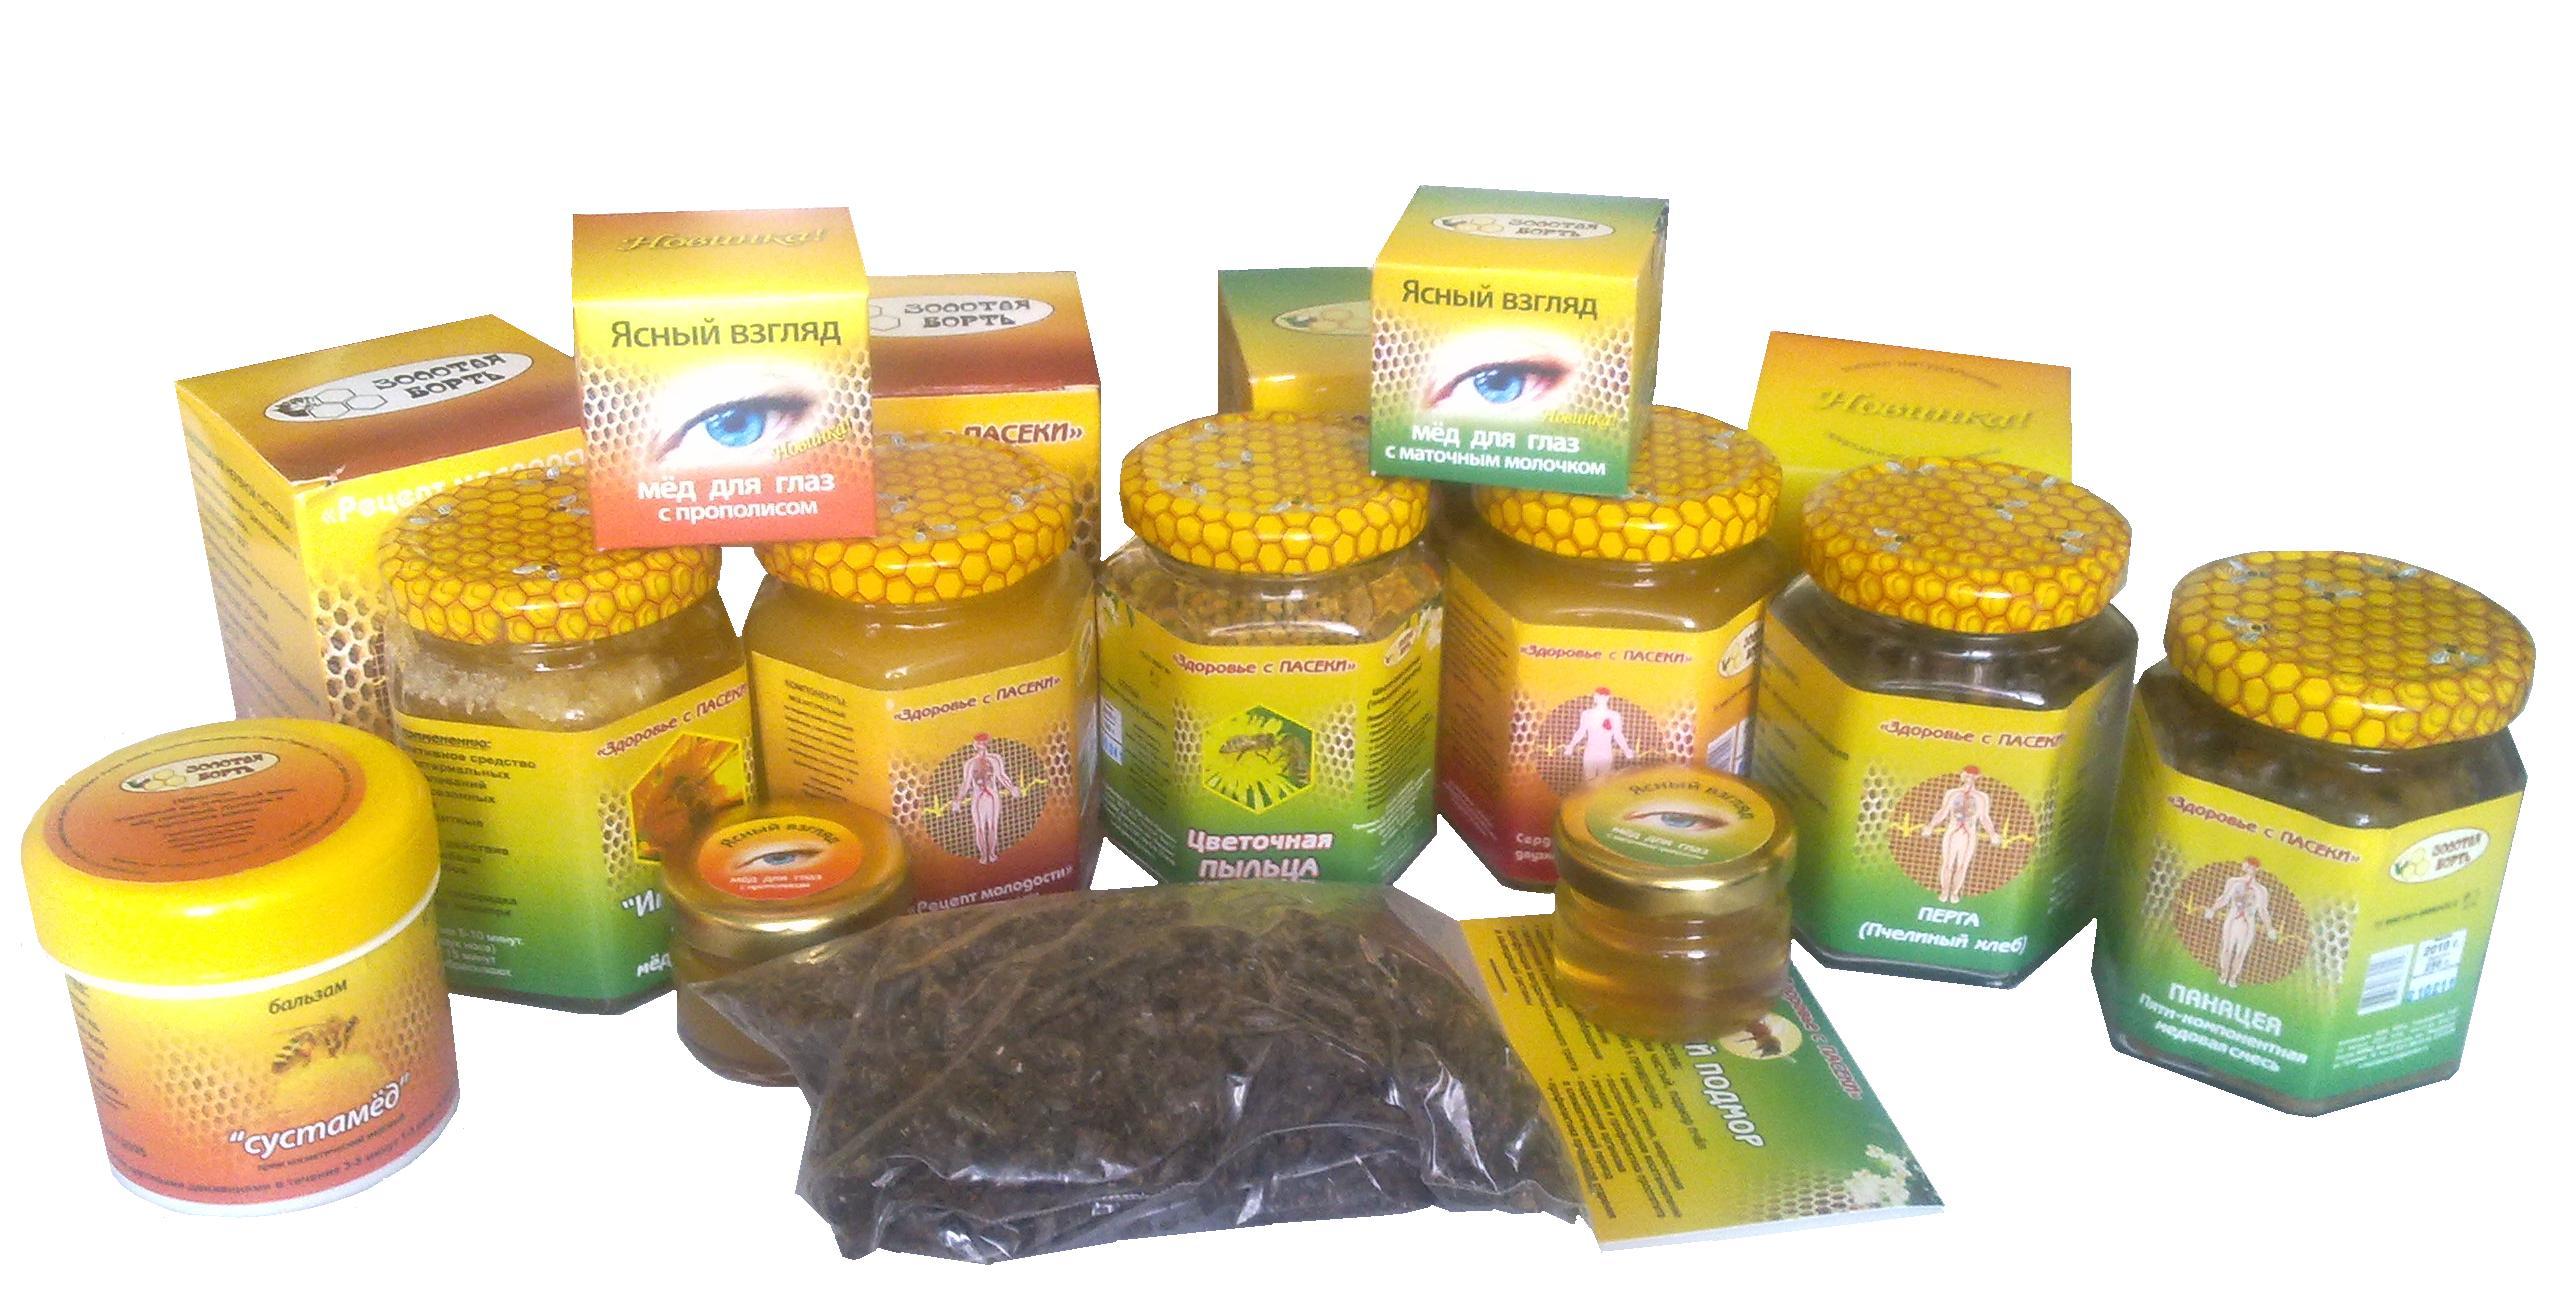 Пчелки для Вашего здоровья